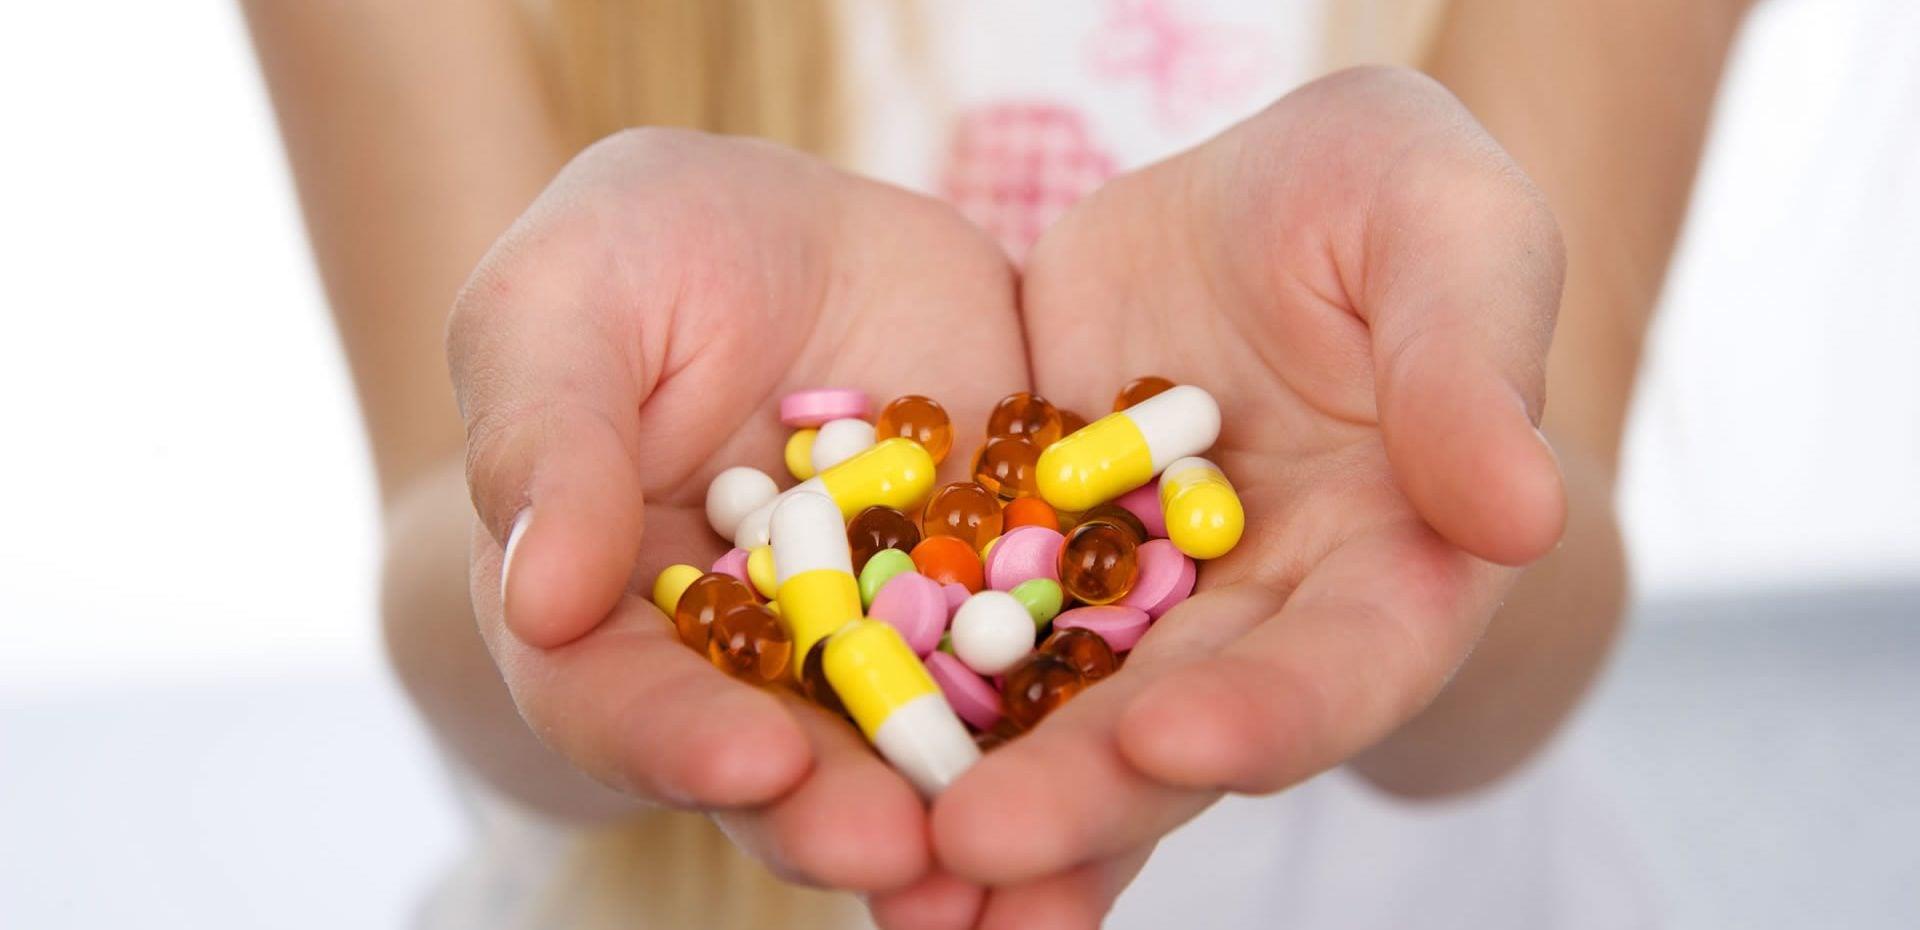 آنتیبیوتیکها احتمال ابتلا به سرطان روده بزرگ را افزایش میدهند